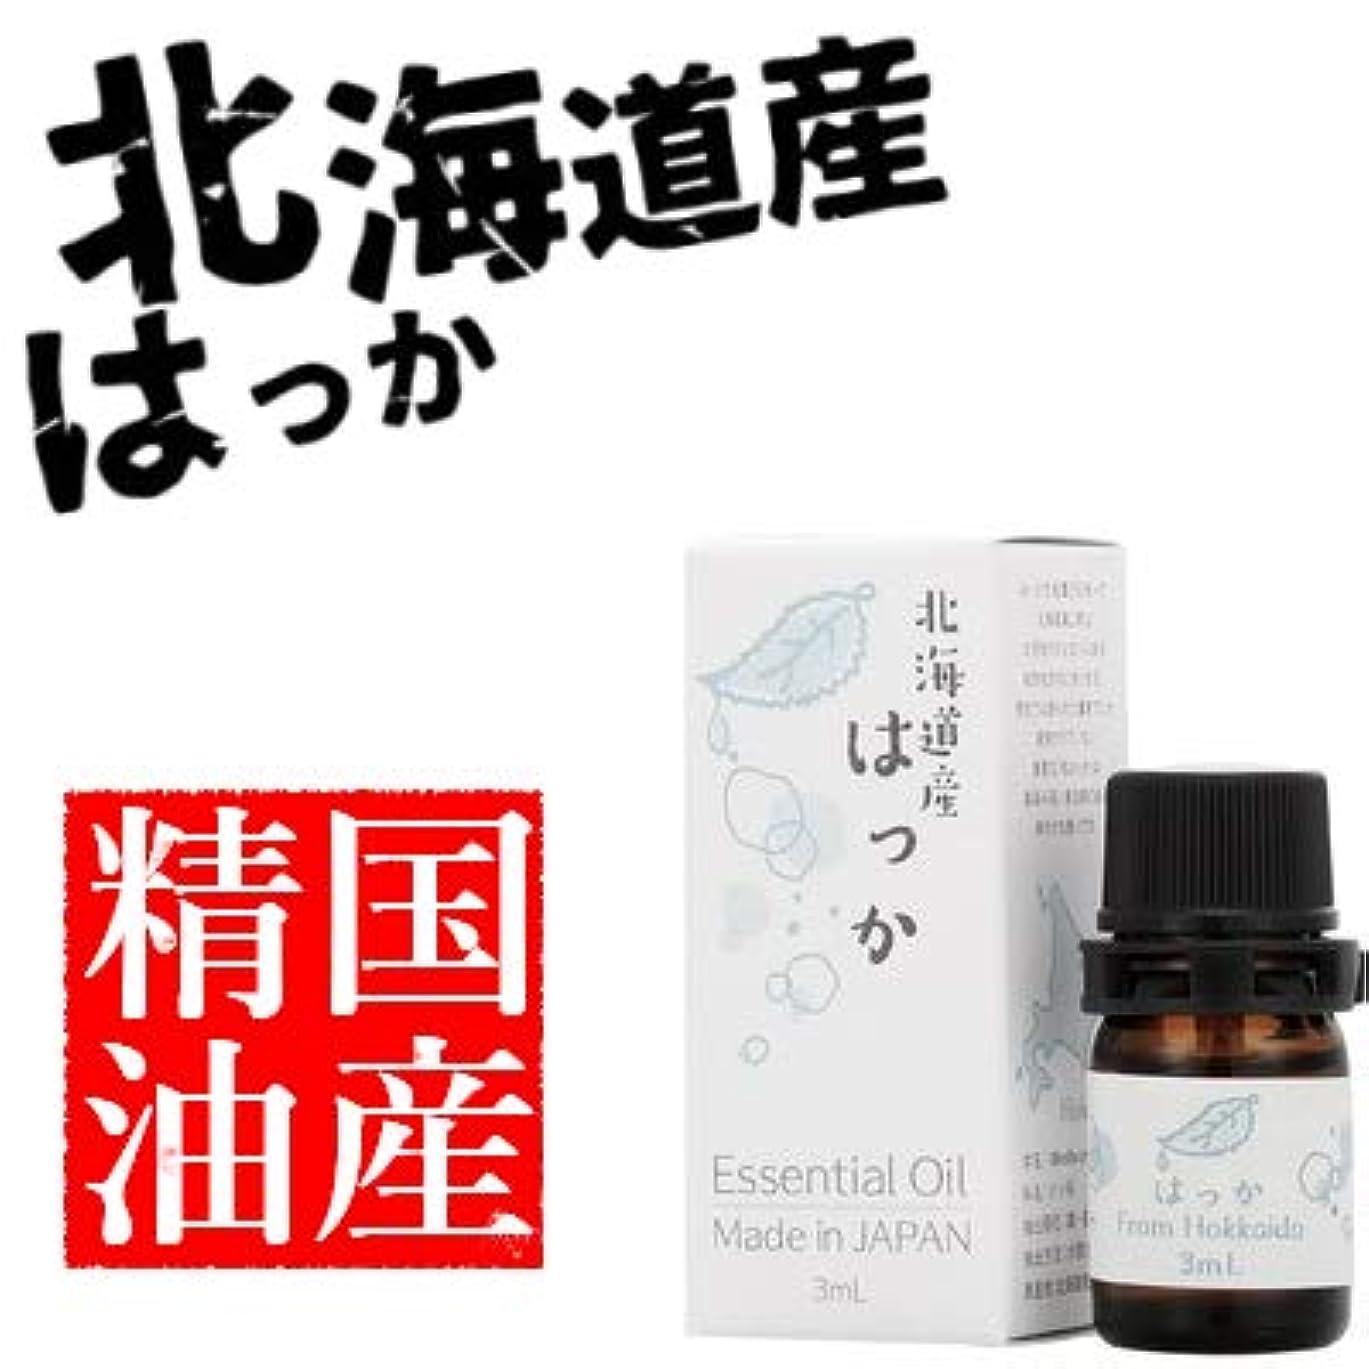 プランター落ち込んでいるブレーキ日本の香りシリーズ エッセンシャルオイル 国産精油 (はっか)